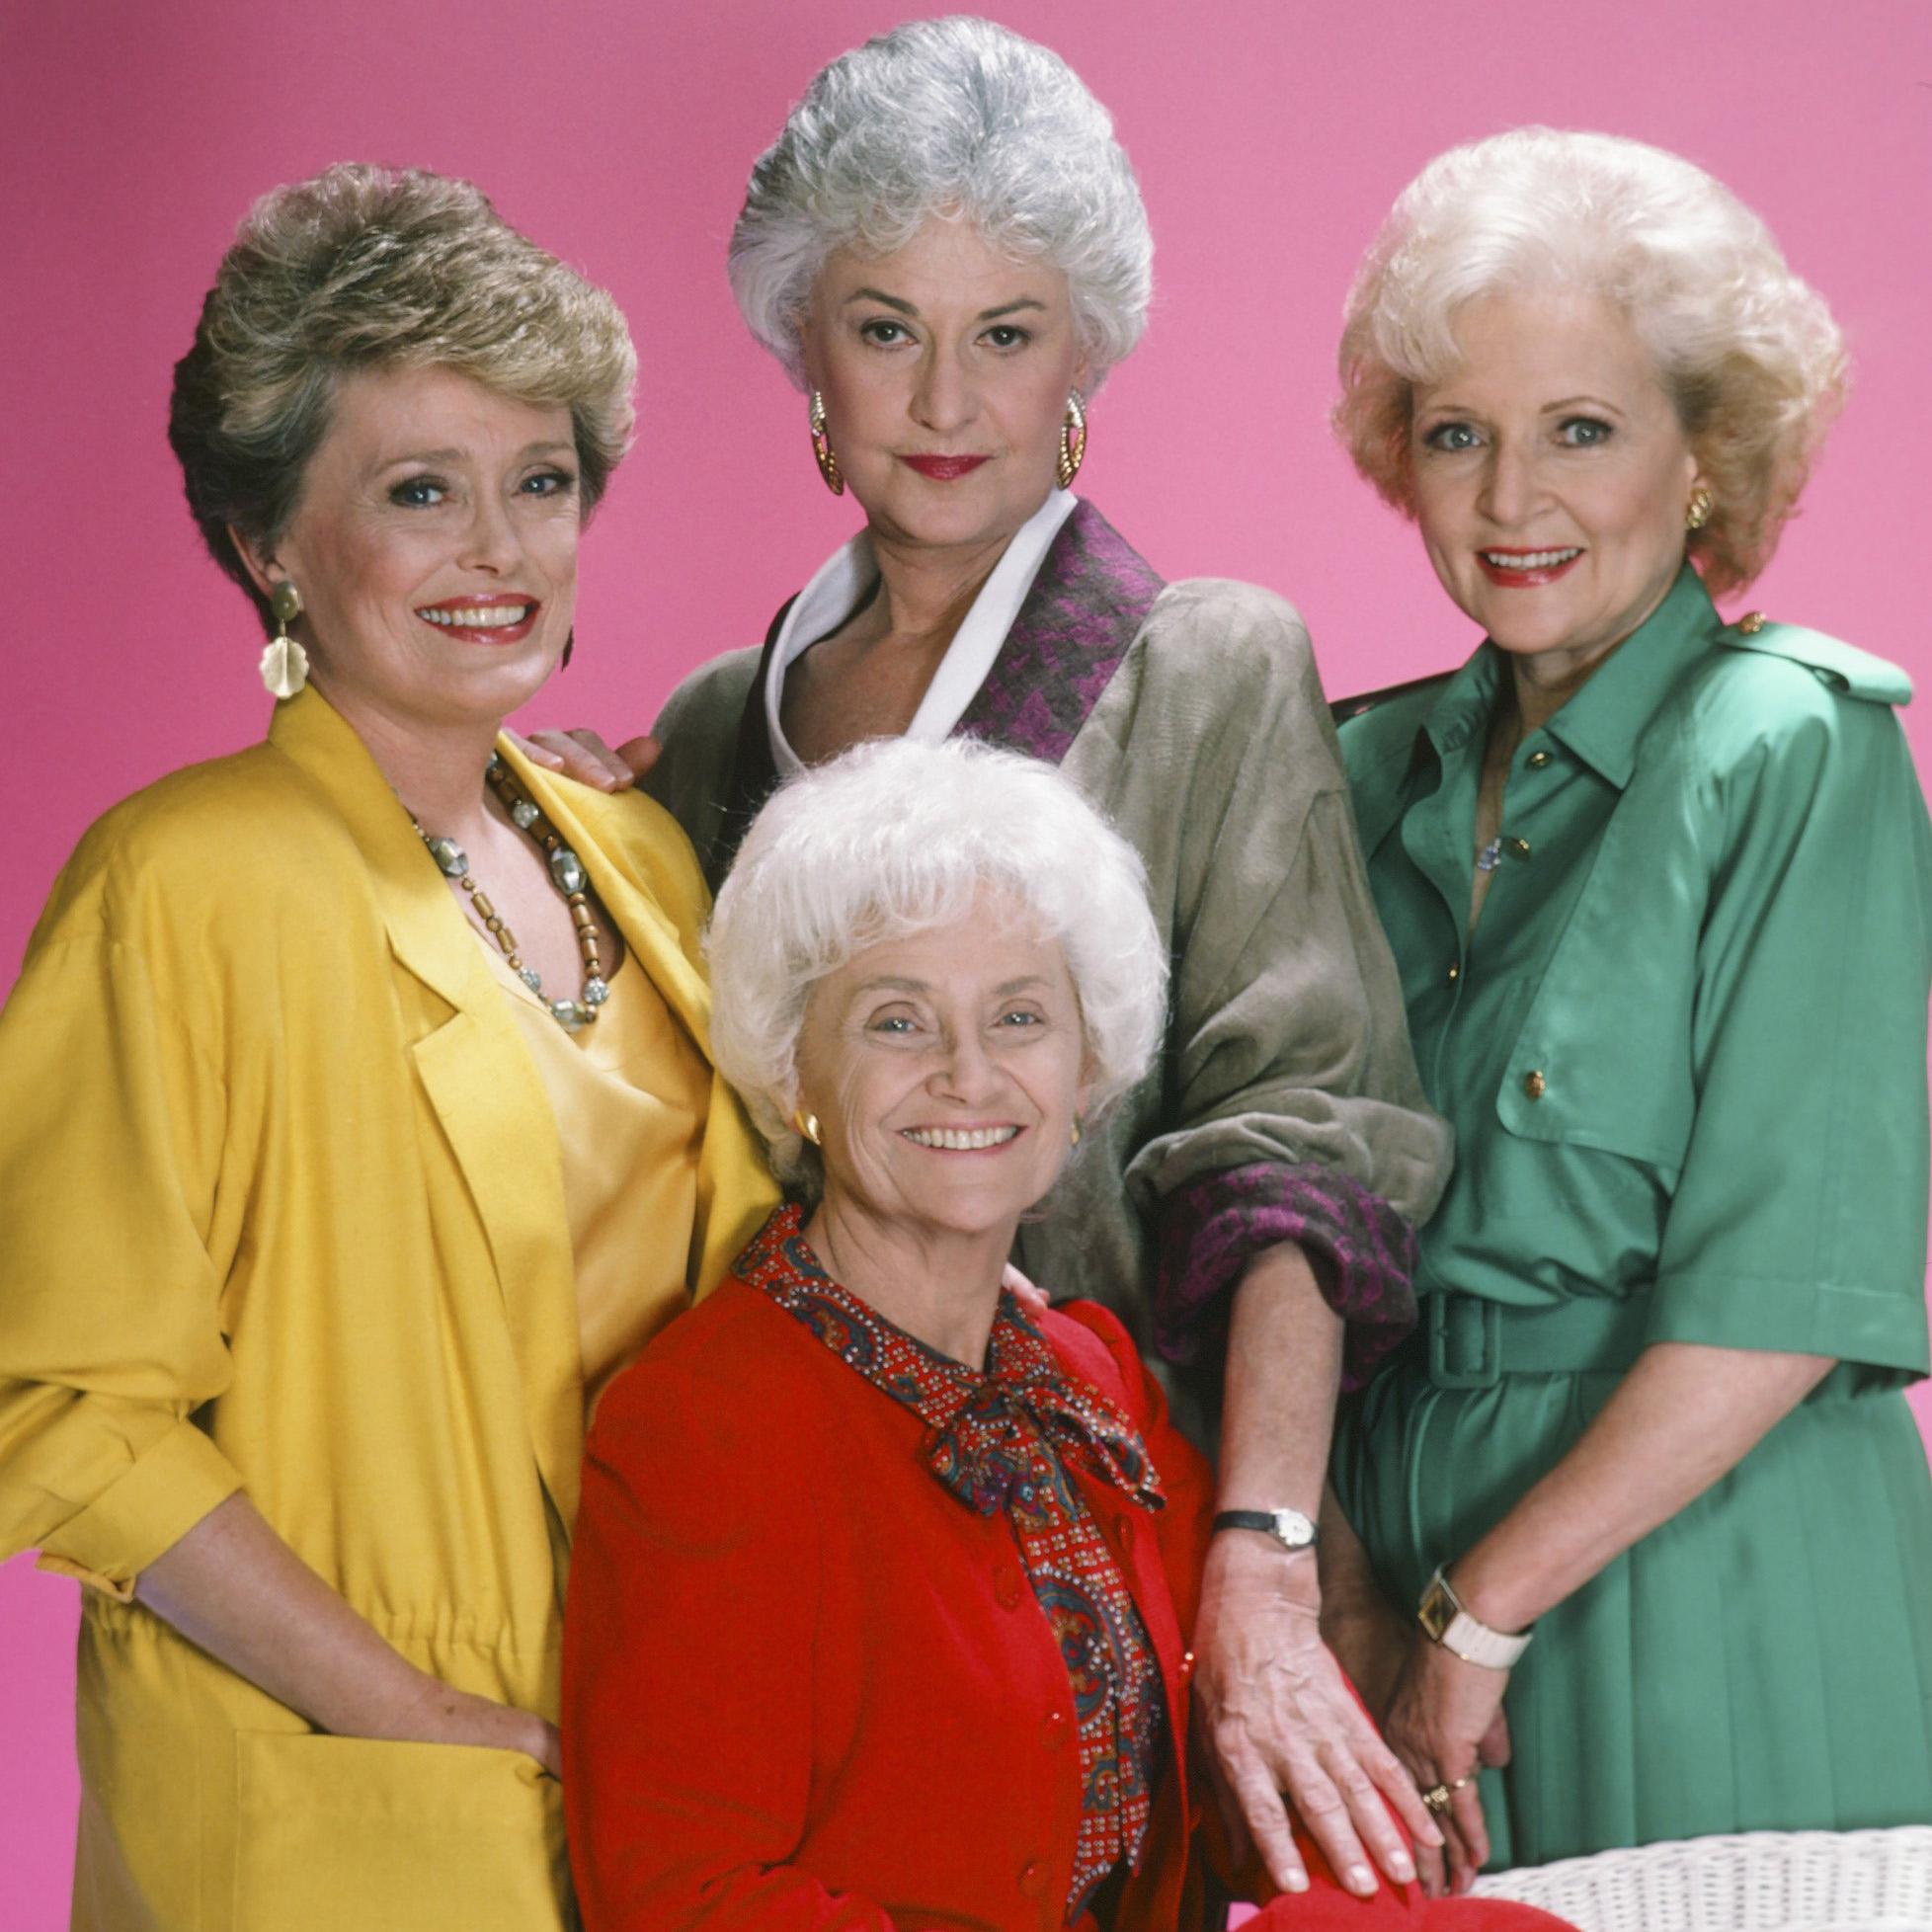 the-golden-girls-cast-copy